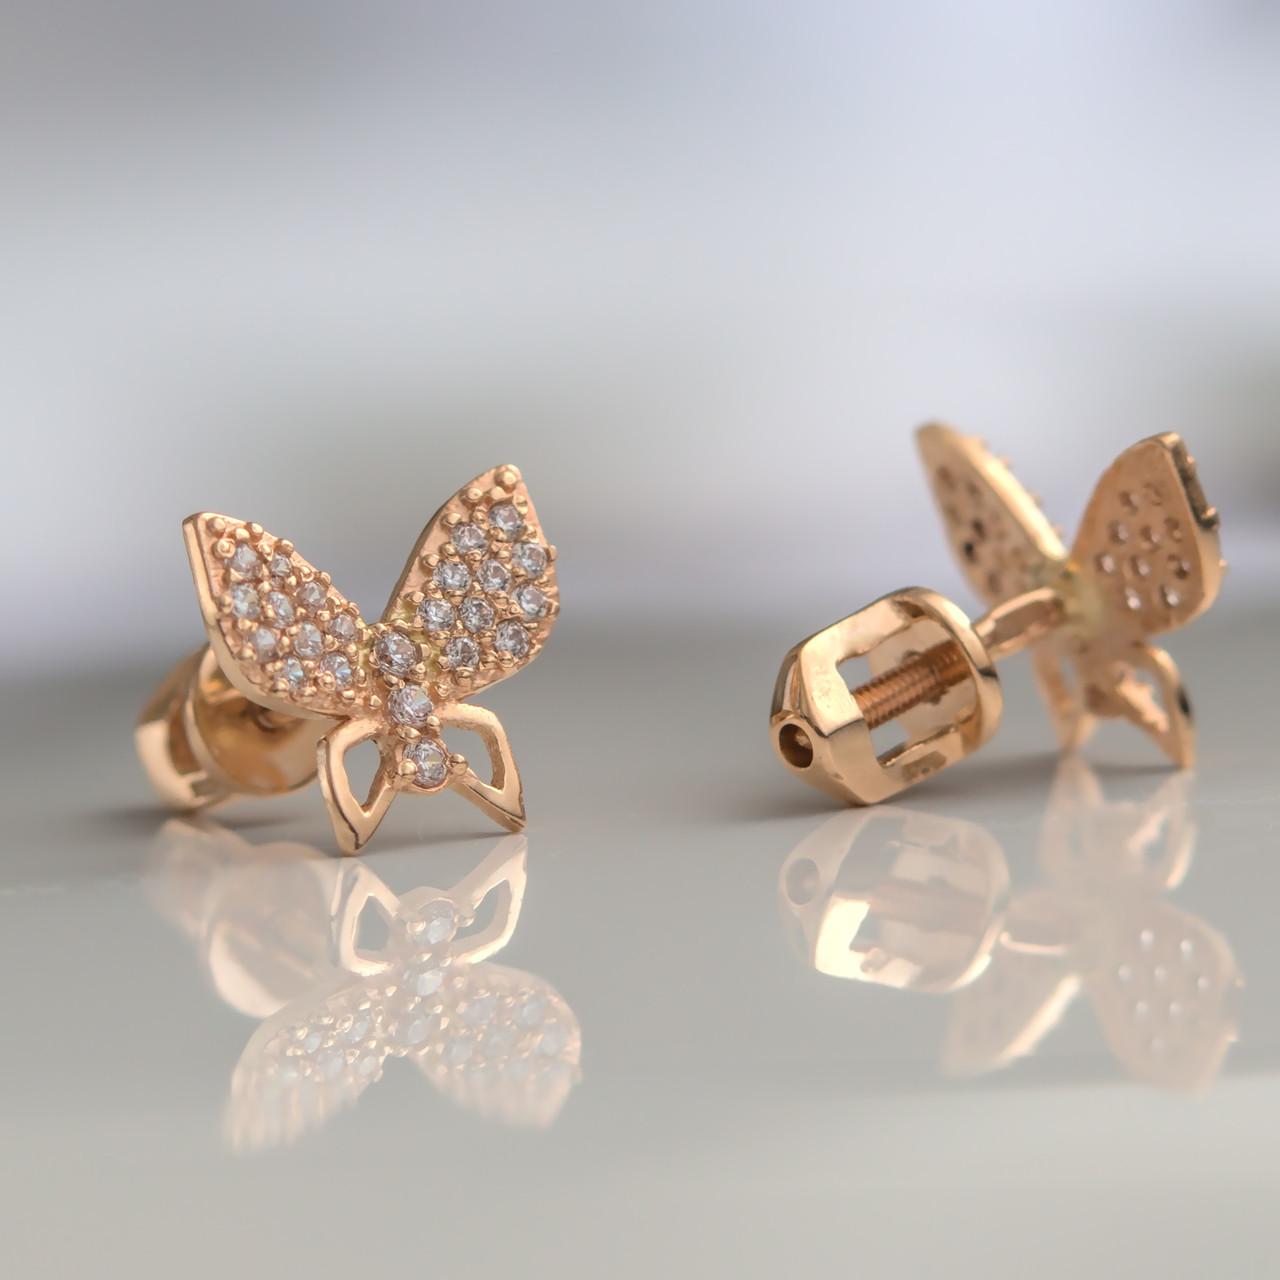 Золотые гвоздики бабочки с фианитами. Гп40976